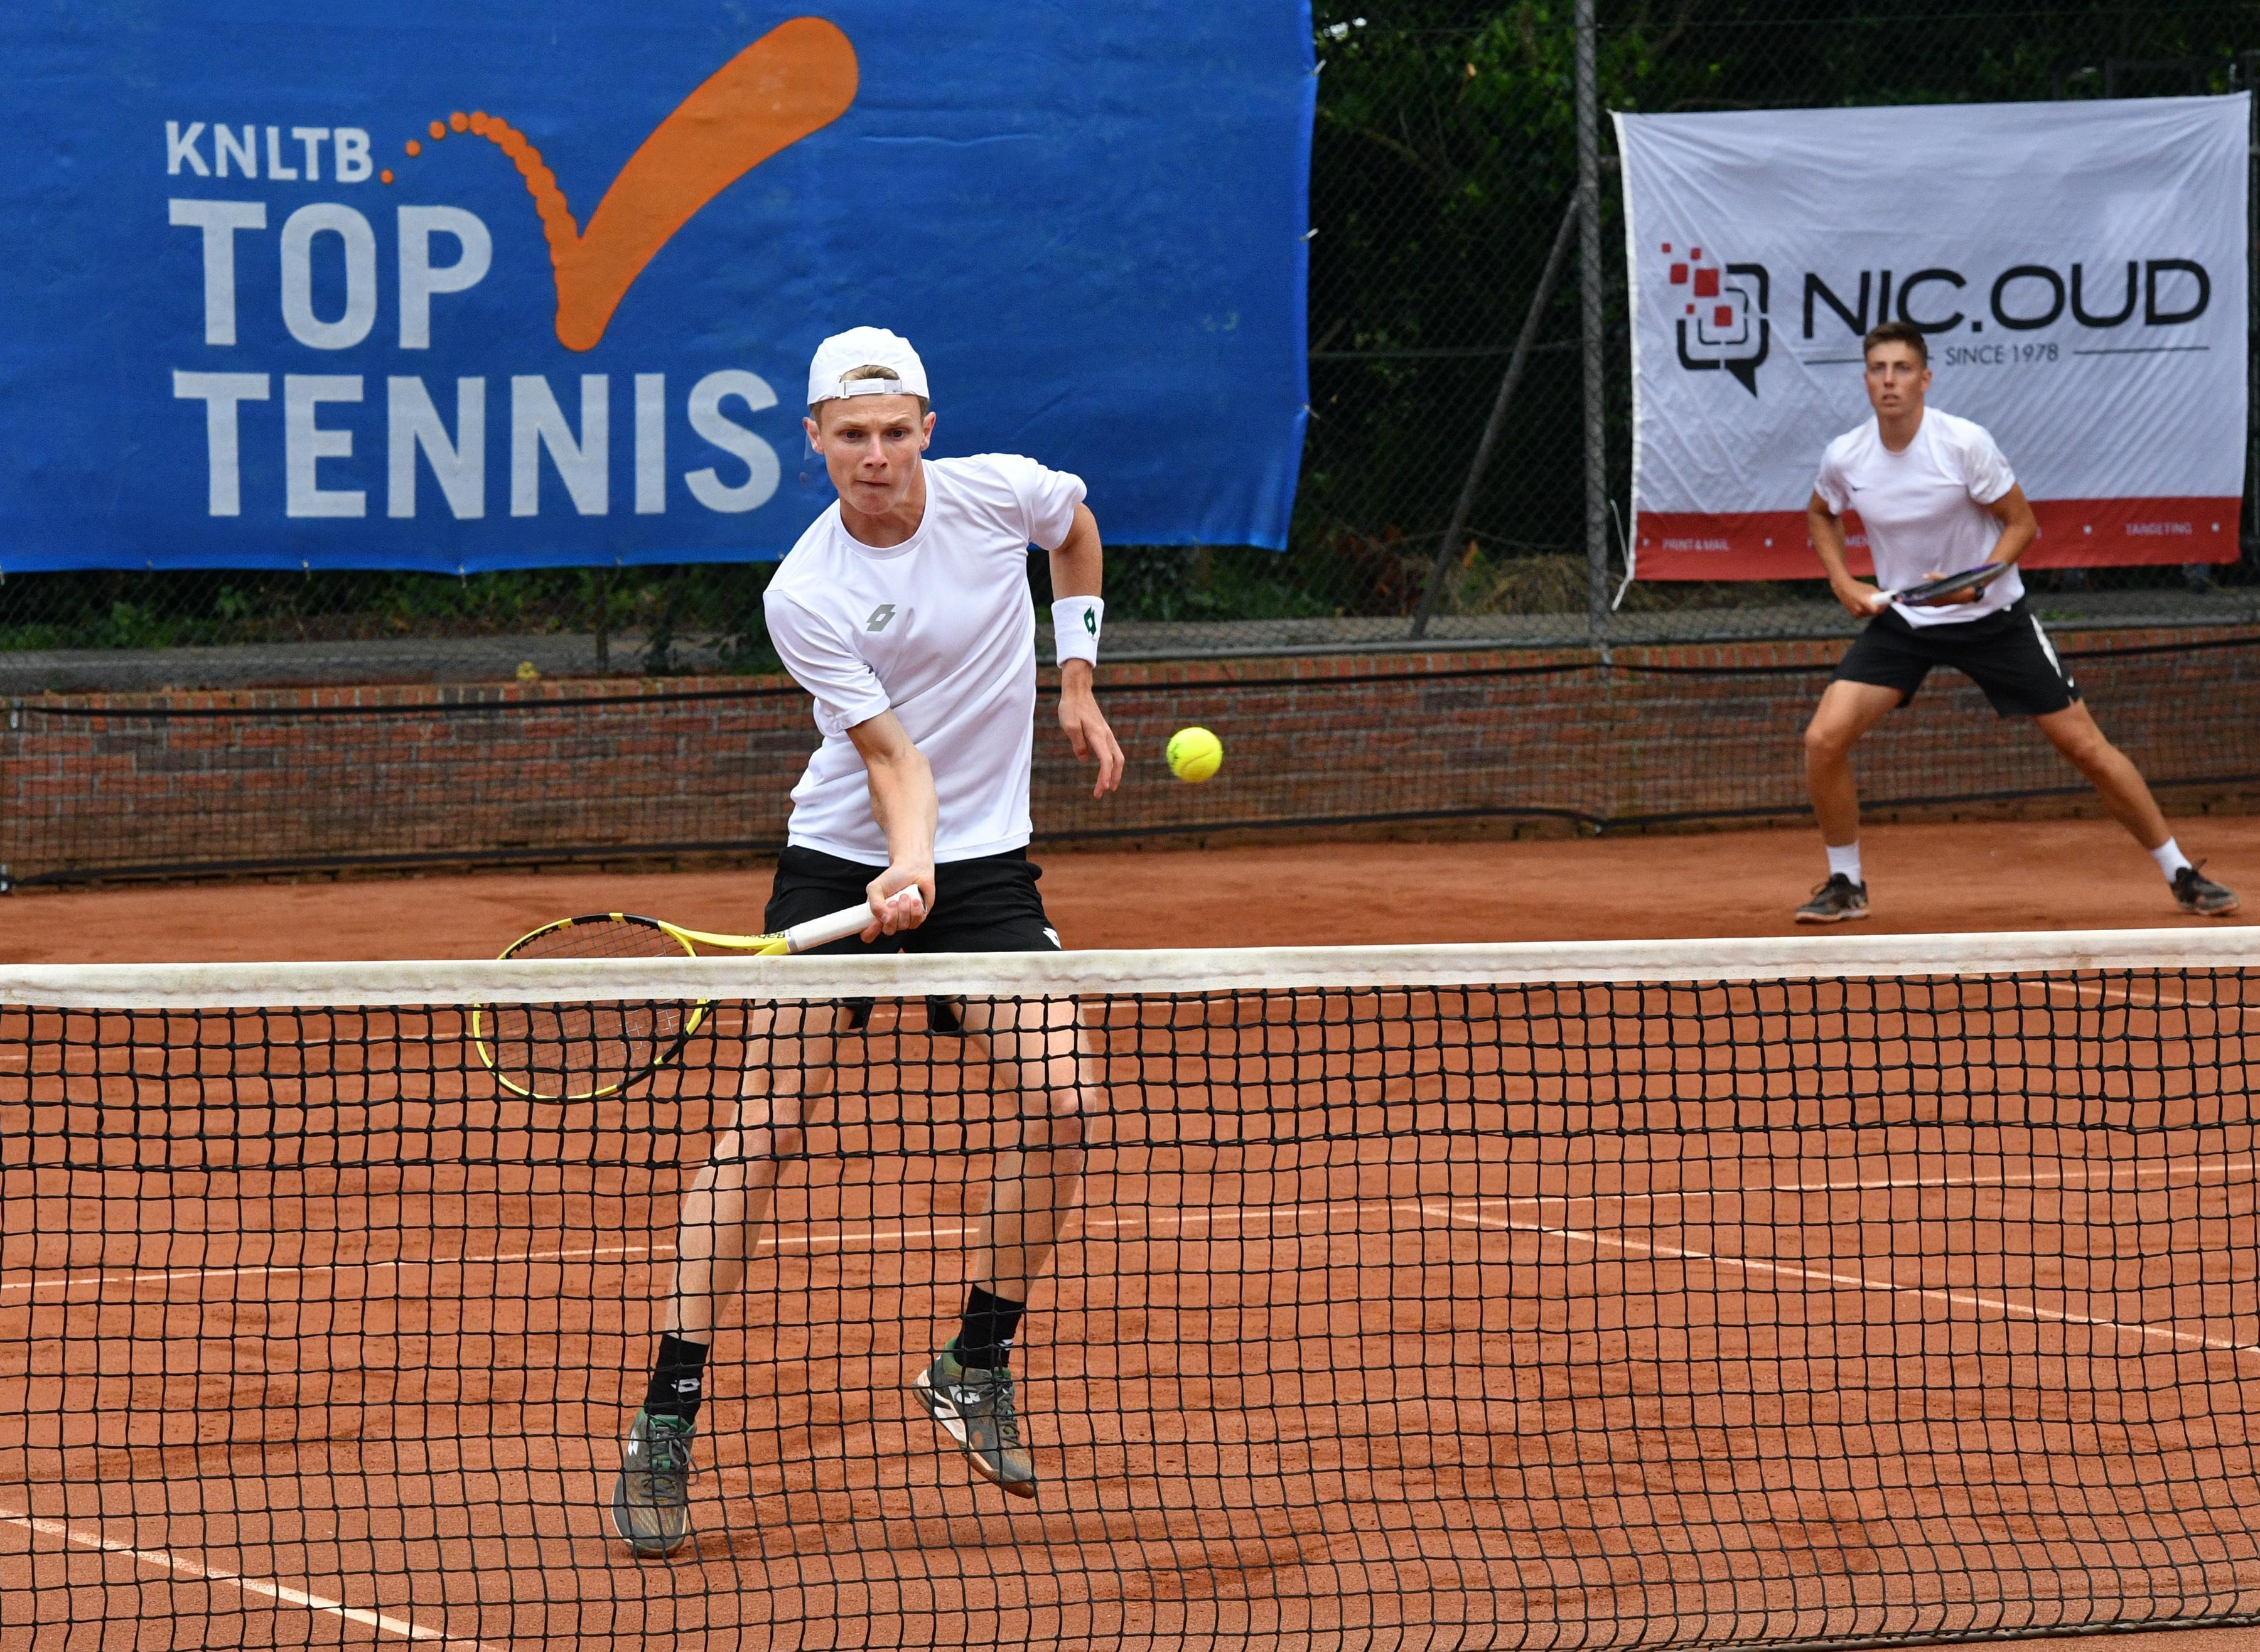 Ineens de favoriet: Jesper de Jong (21) moet bij tennistoernooi in Alkmaar laten zien dat succes in Kazachstan geen toevalstreffer was